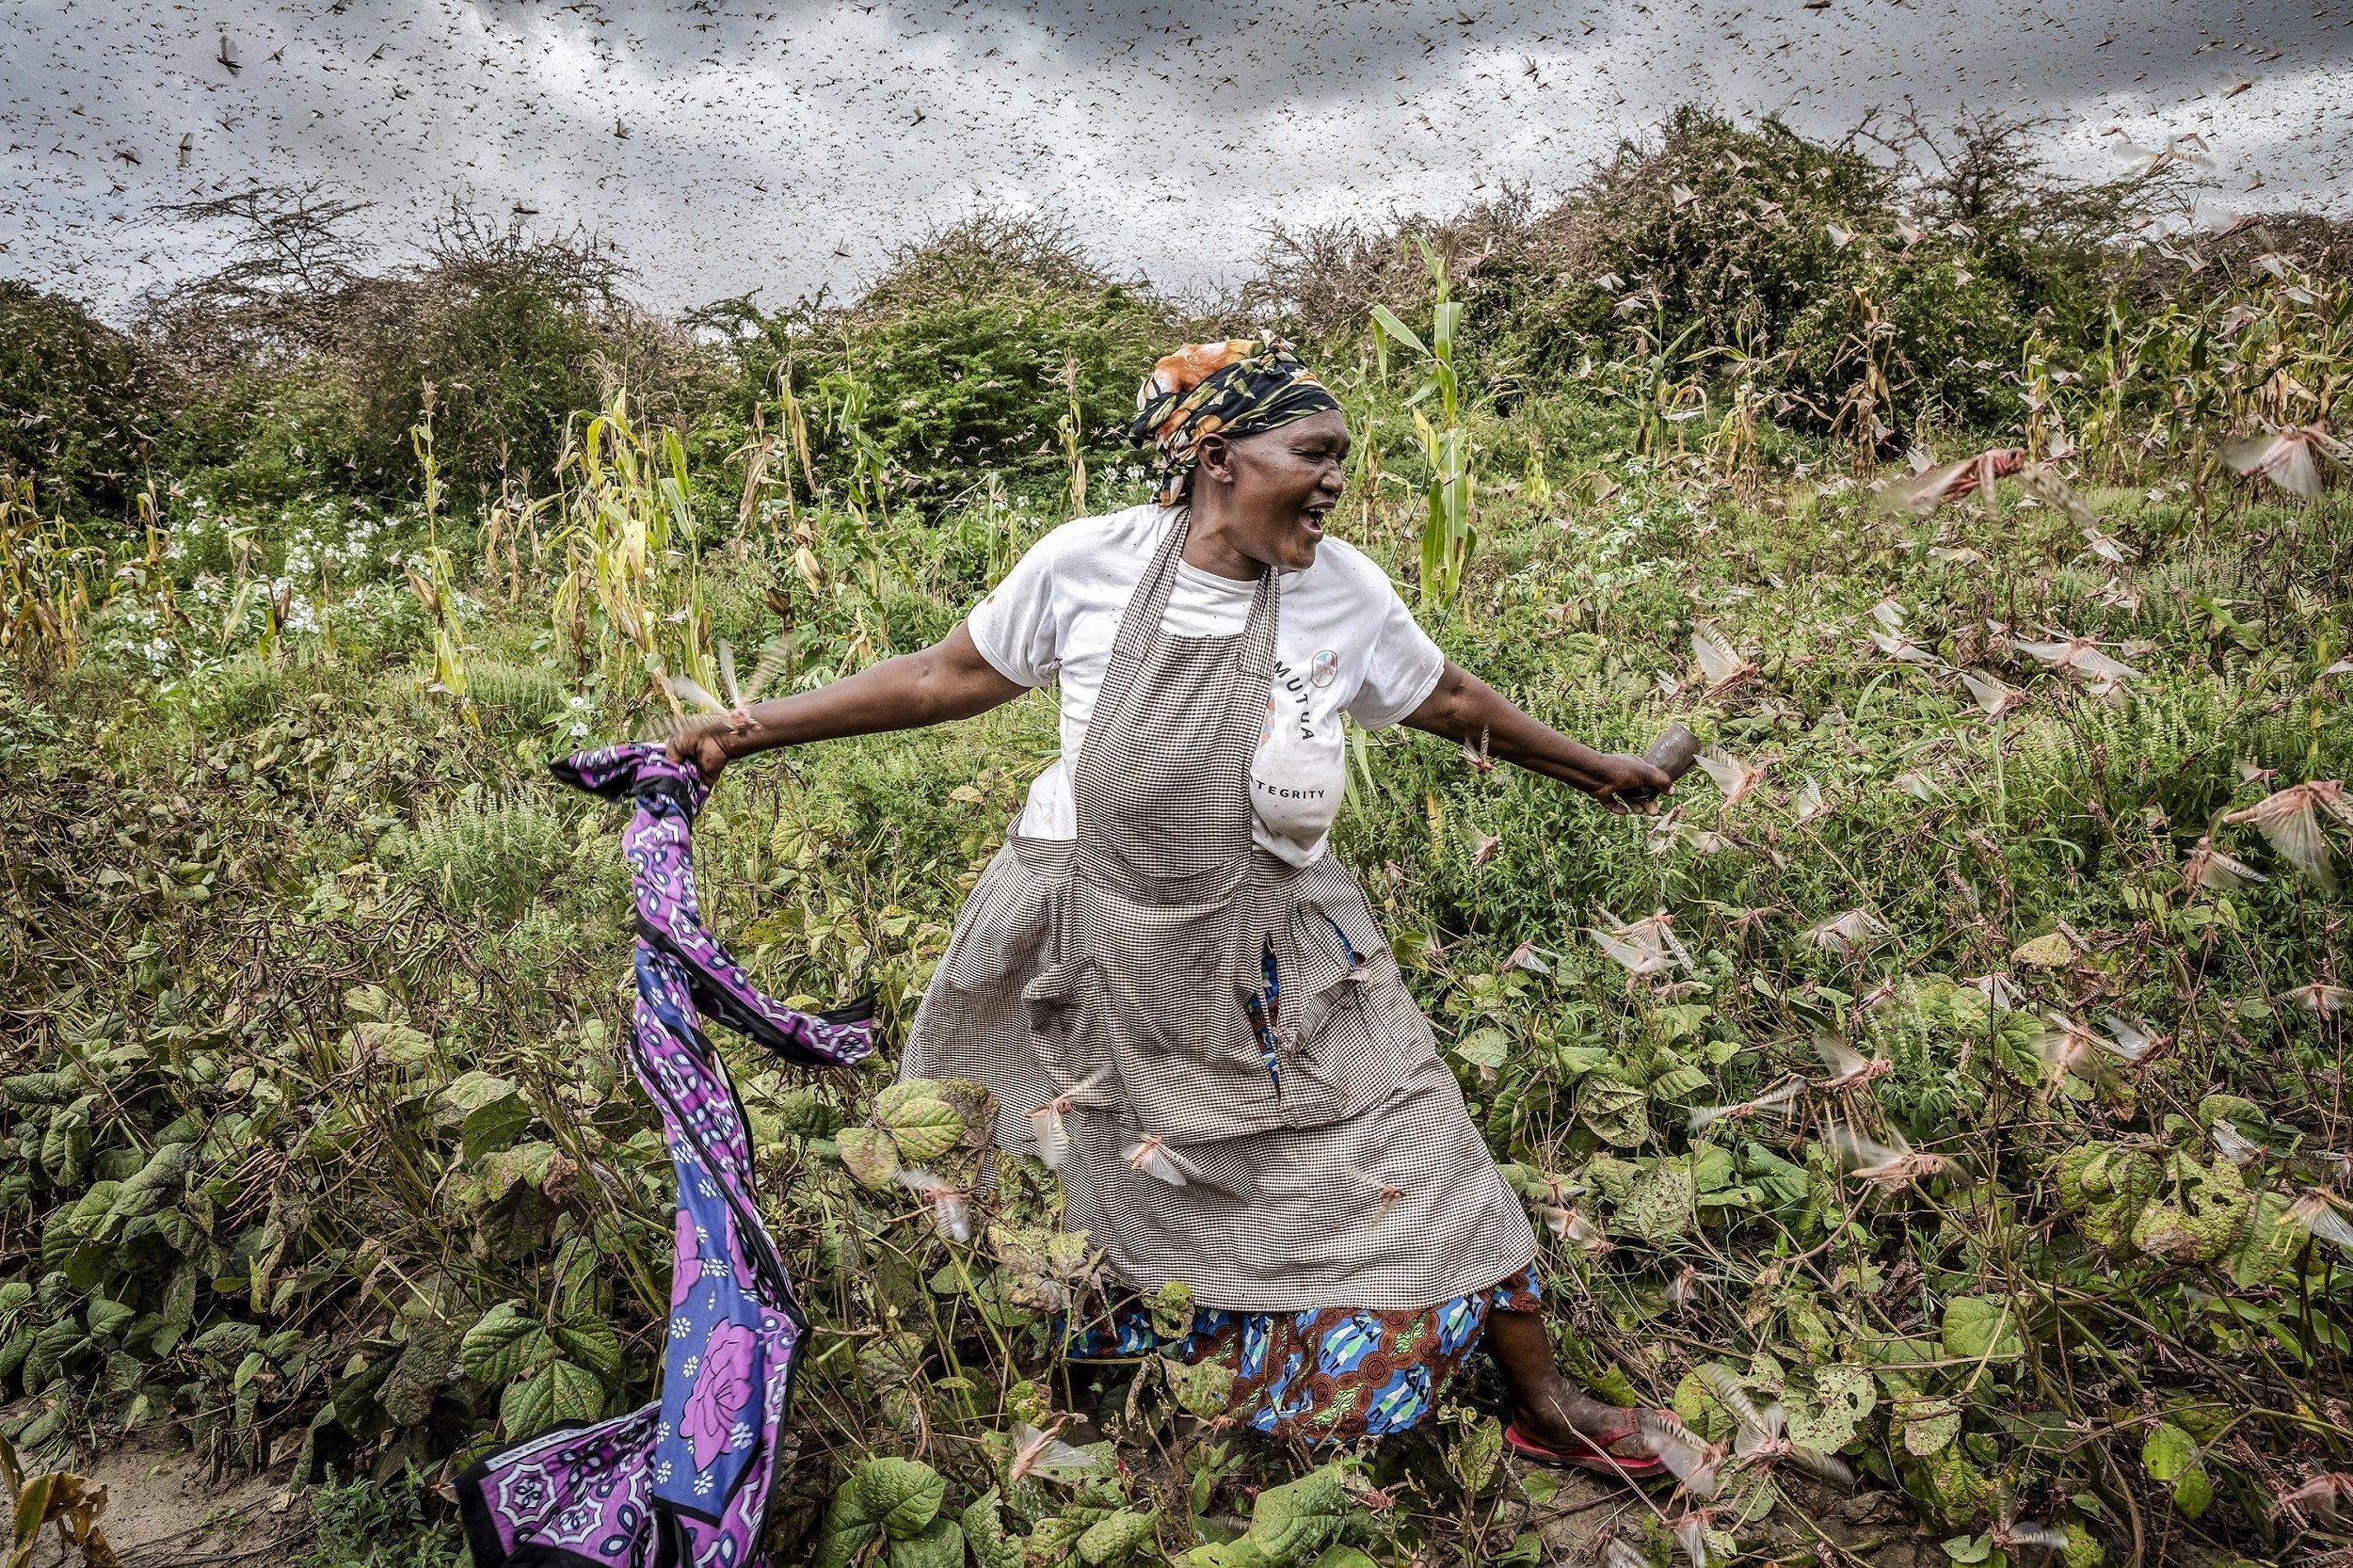 Eine wütende Frau versucht mit einem Tuch die Heuschrecken auf ihrem Acker zu vertreiben